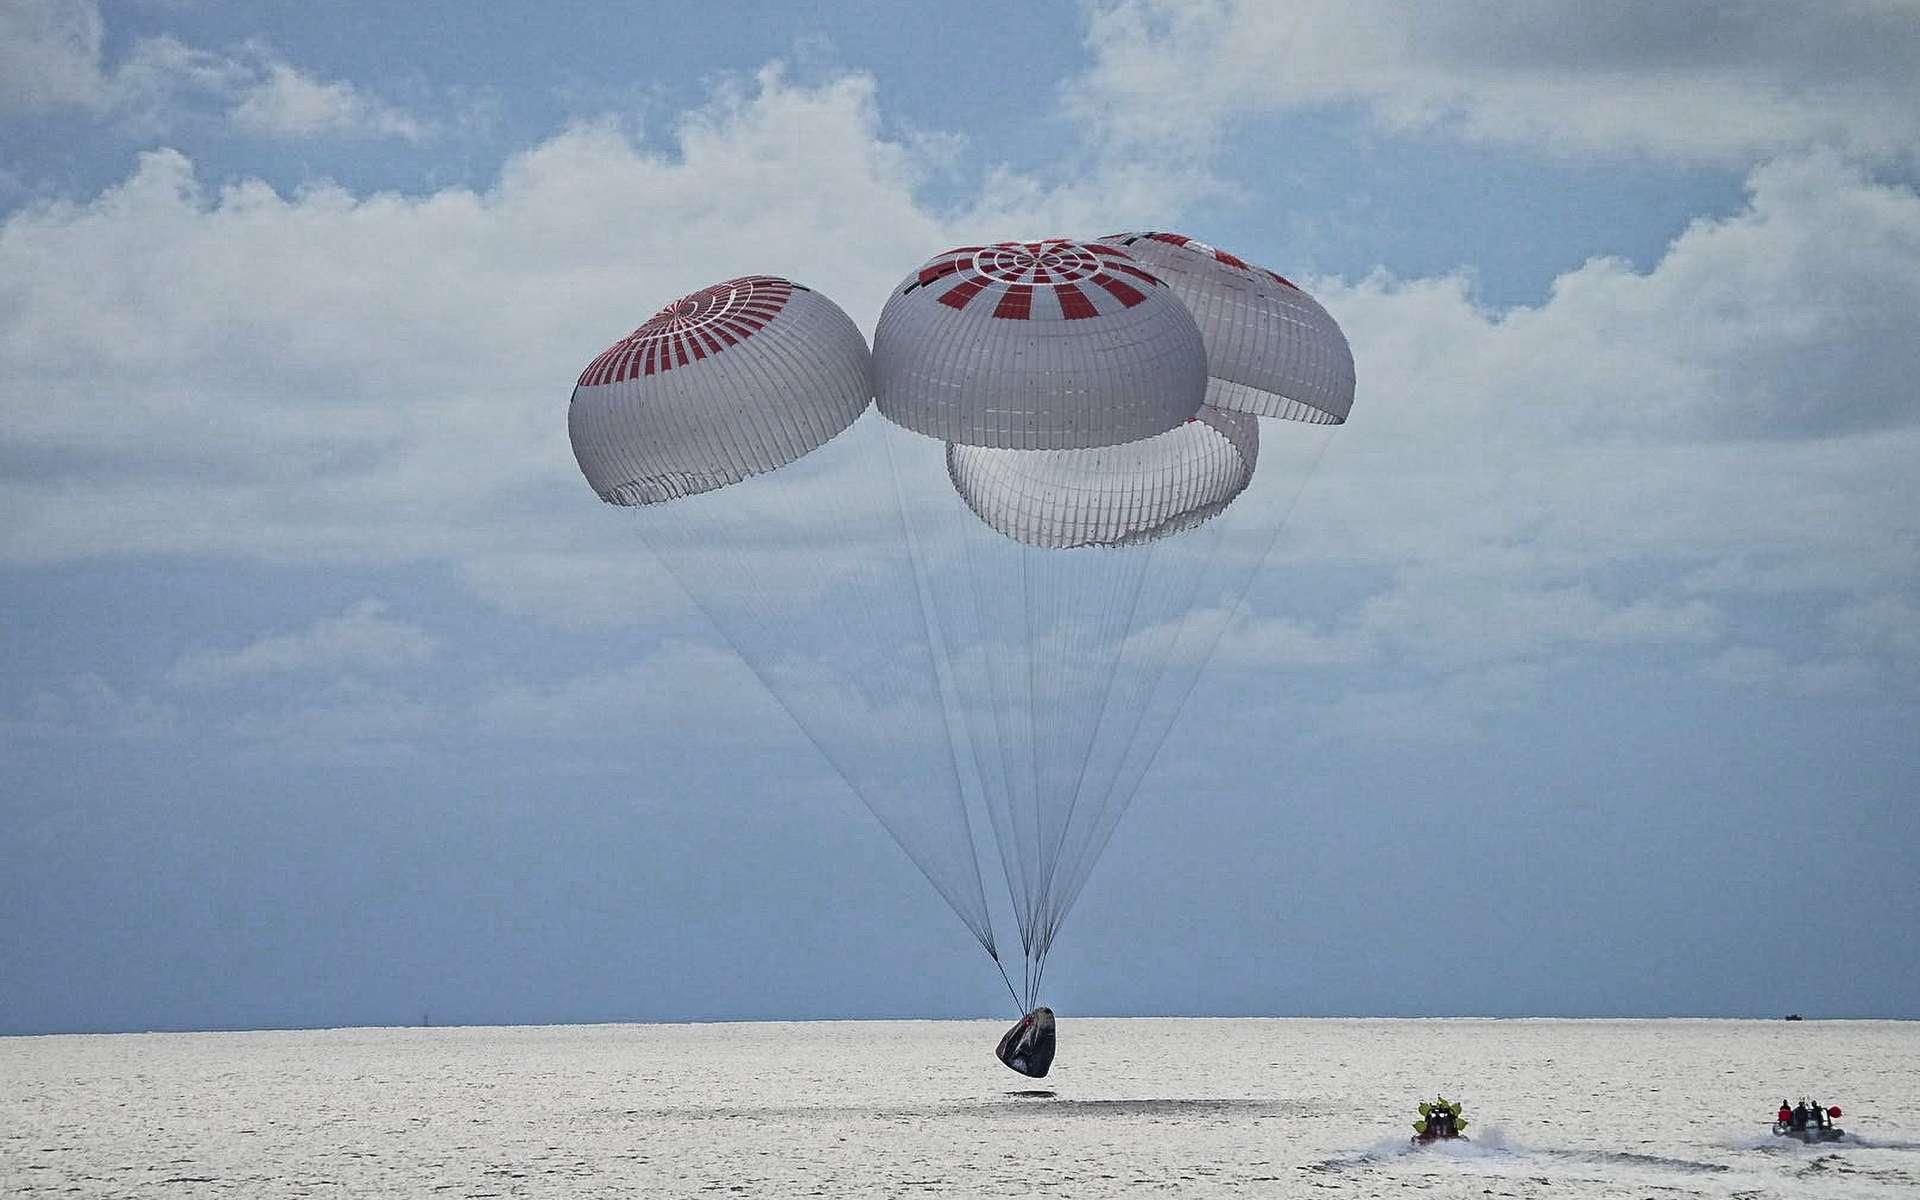 Les « spatiotouristes » d'Inspiration4 à bord du Crew Dragon de SpaceX sont revenus sur Terre sans encombre. © SpaceX